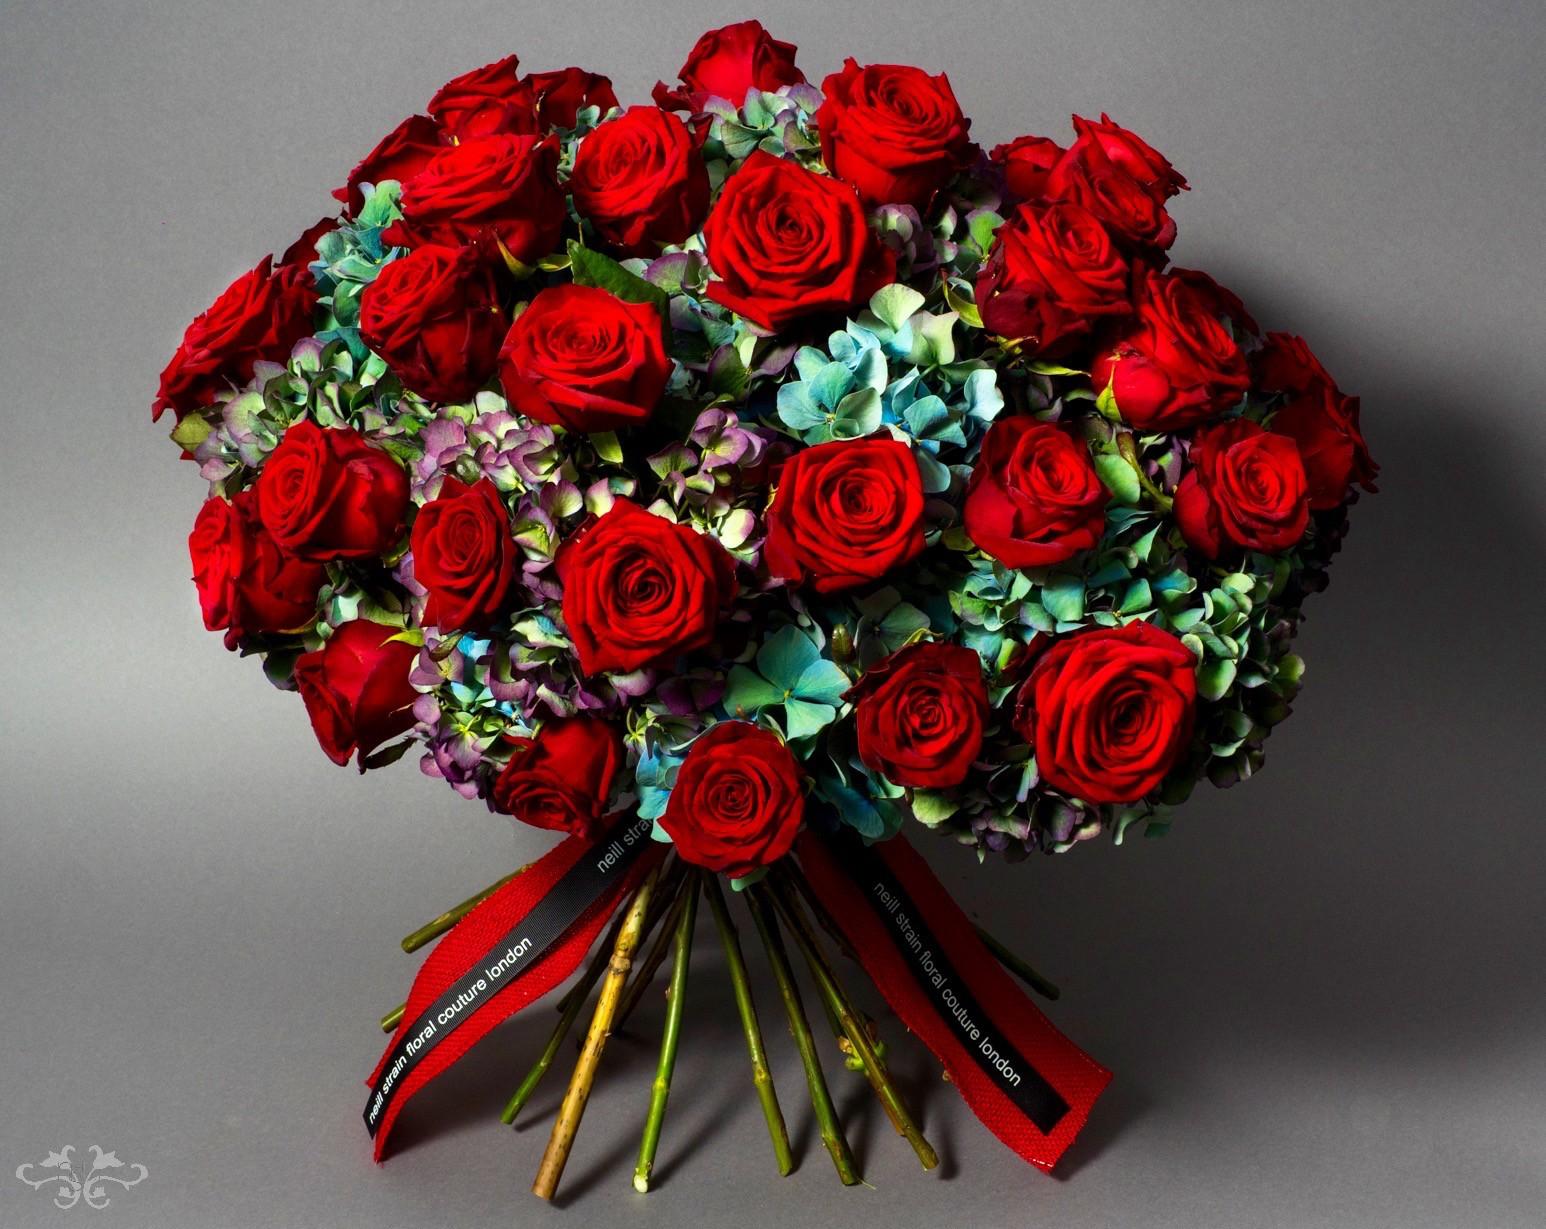 Neill Strain luxury Valentine's Day bouquet